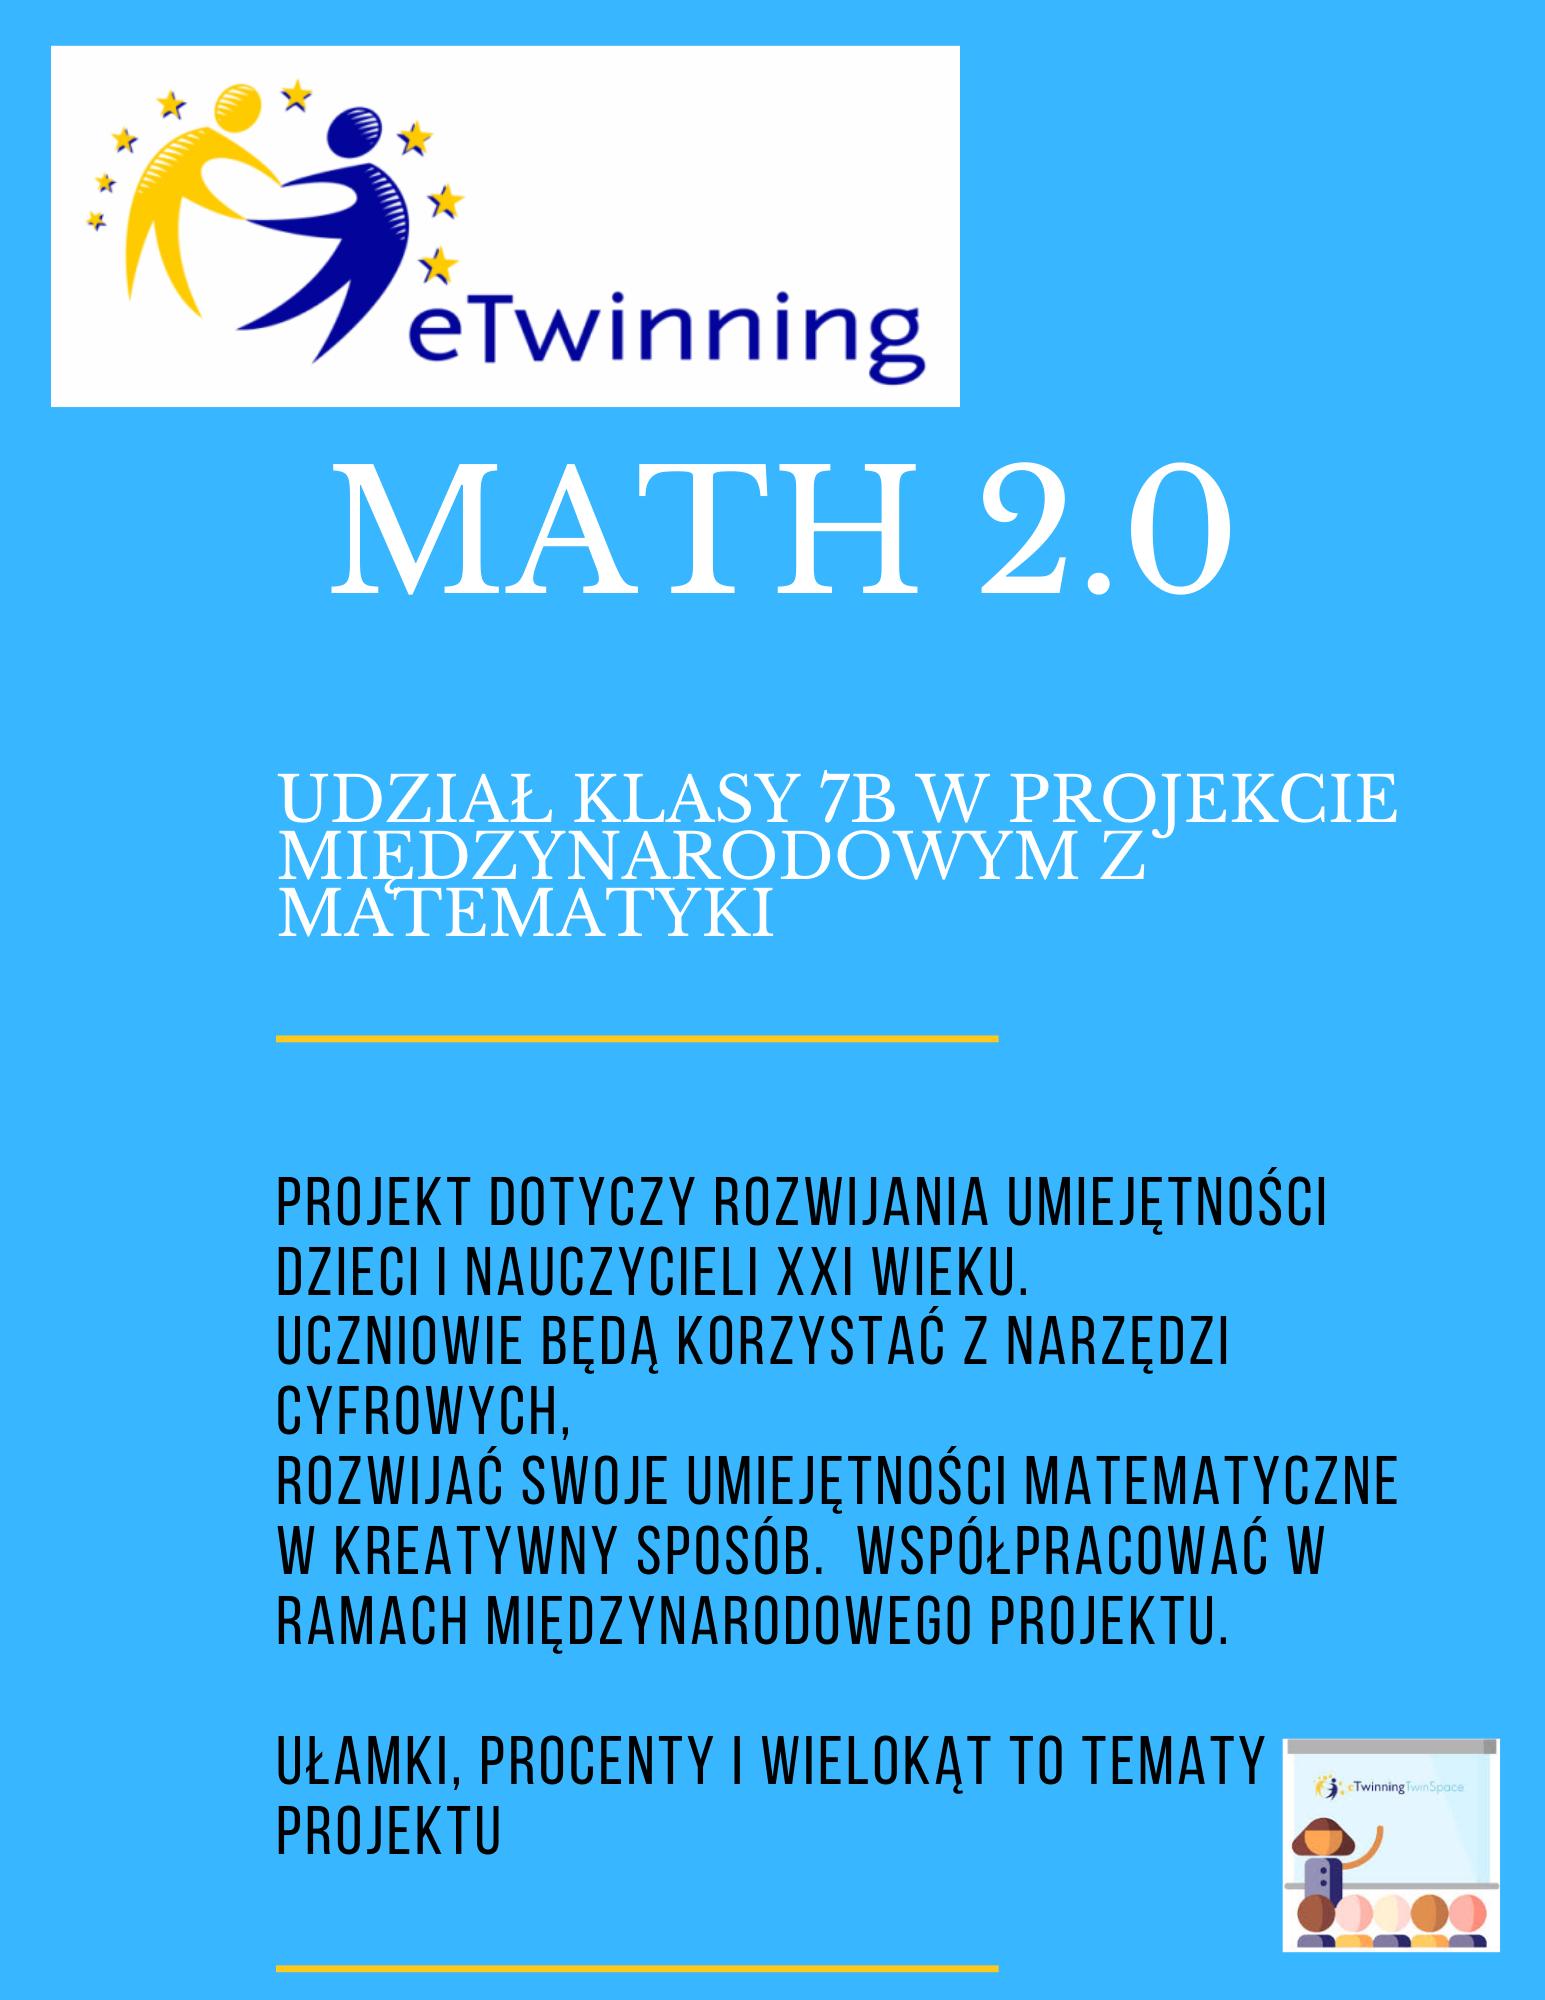 Math 2.0 projekt e-twinning.png